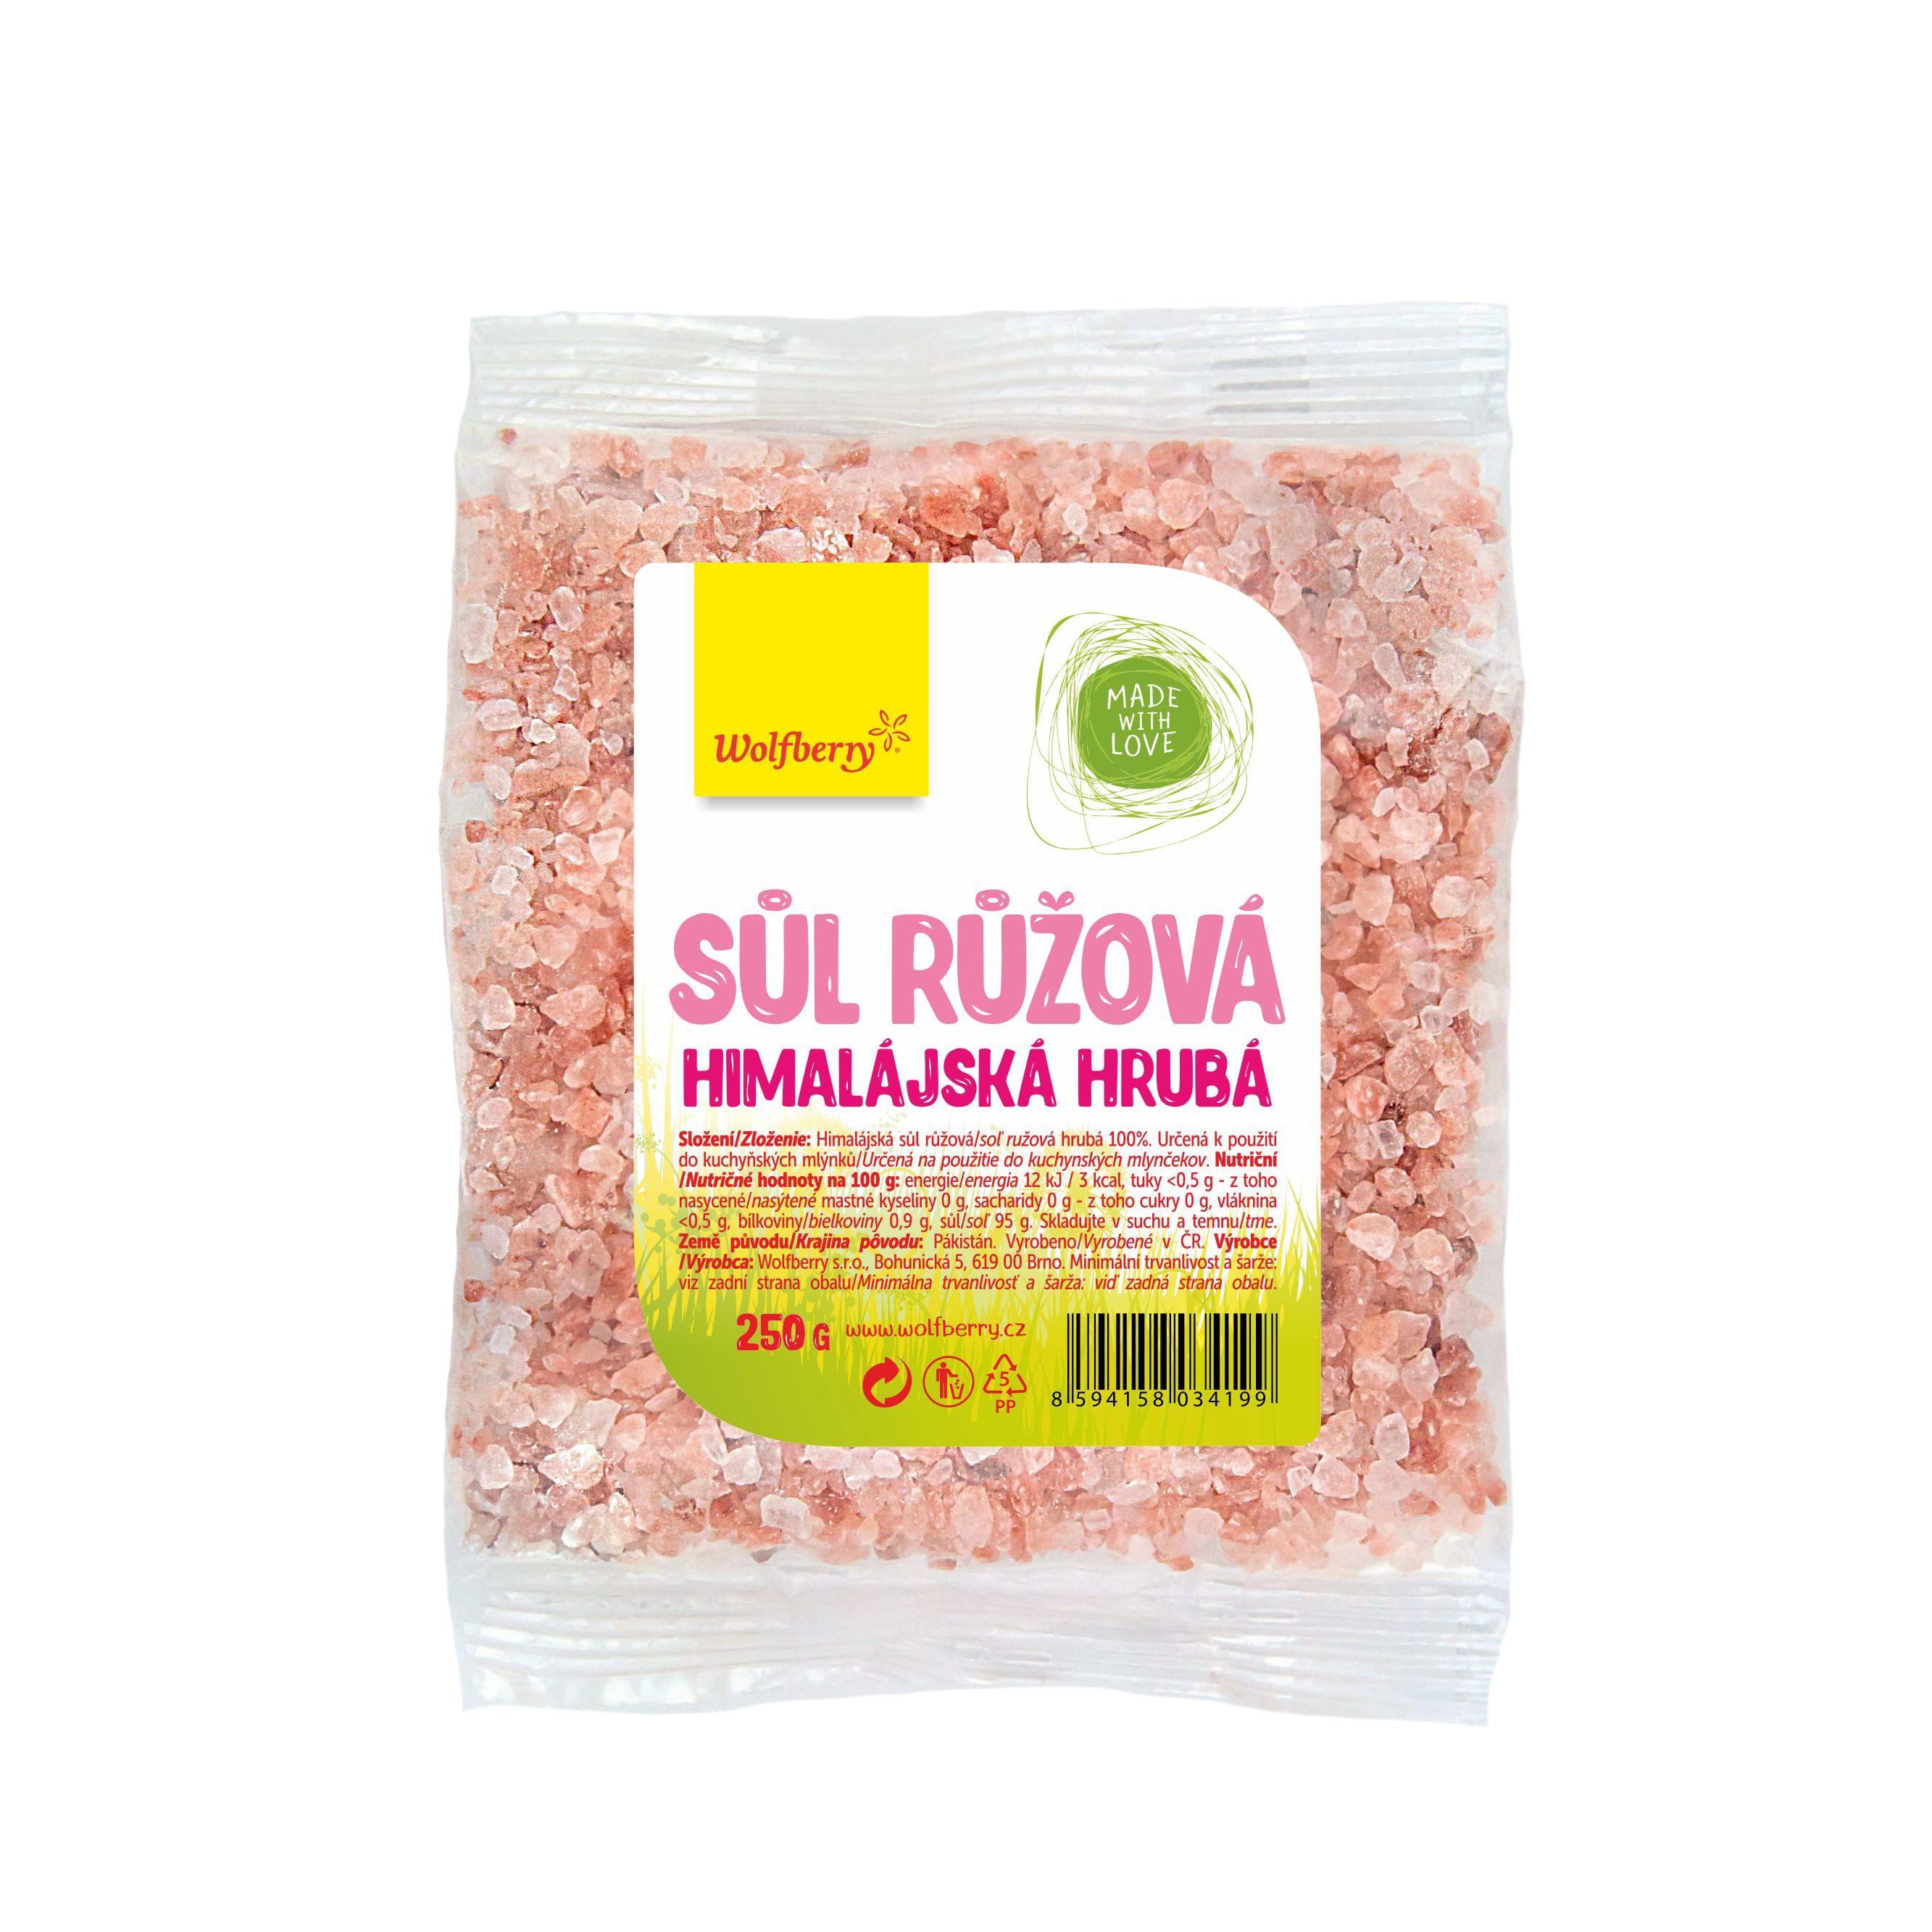 Himalájská sůl růžová hrubá 250g wolfberry